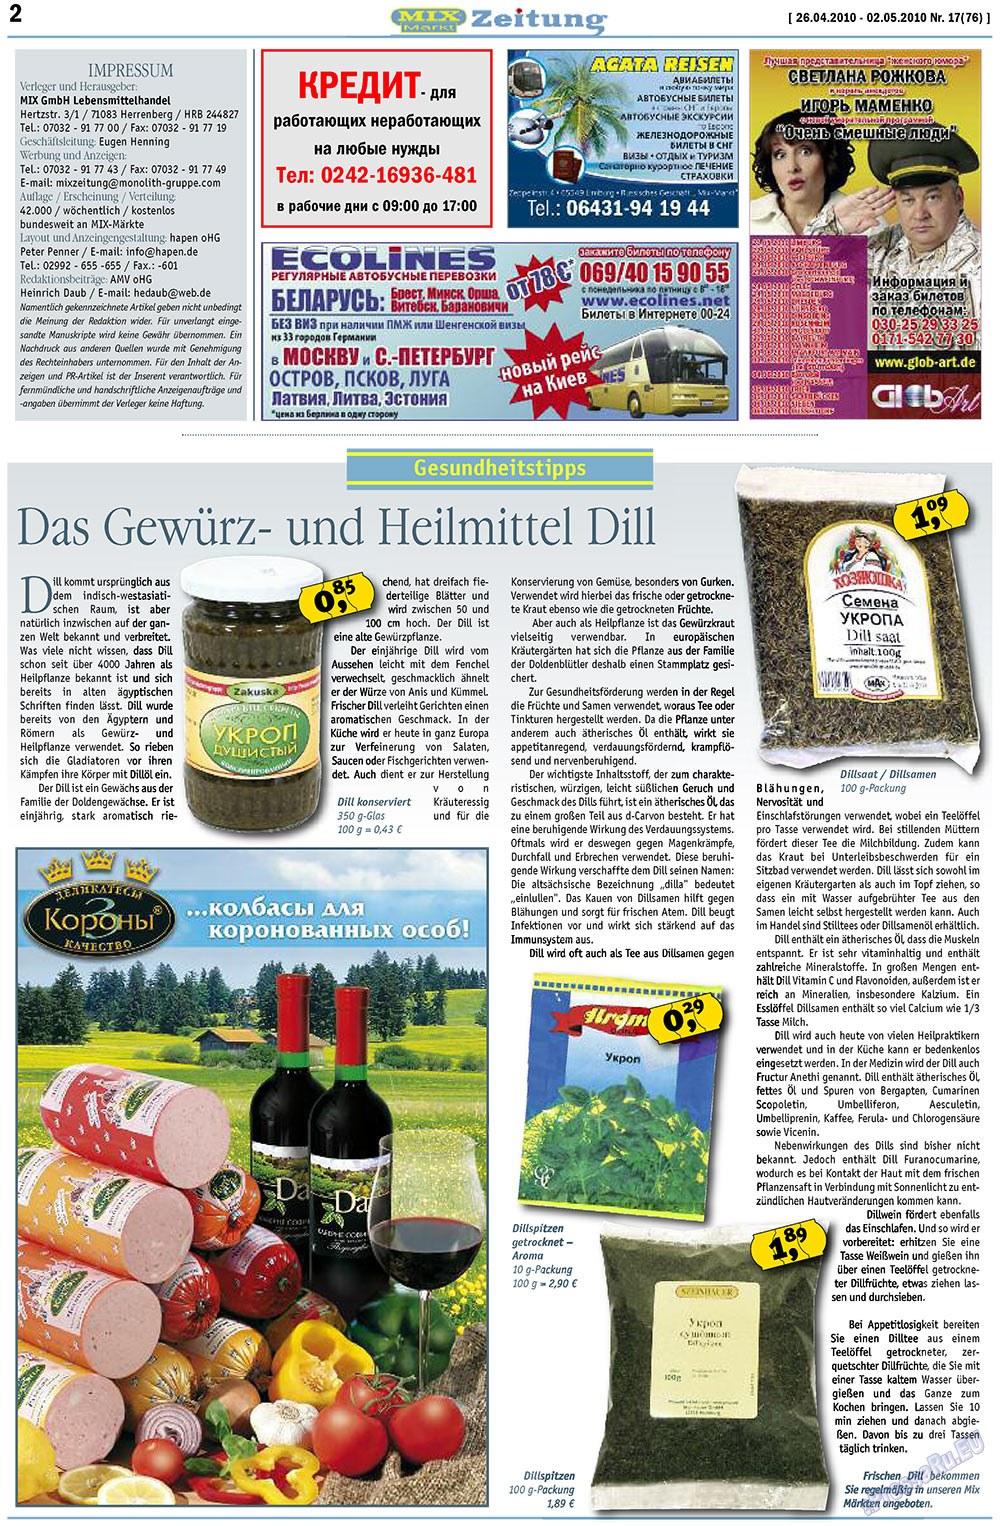 MIX-Markt Zeitung (газета). 2010 год, номер 17, стр. 2